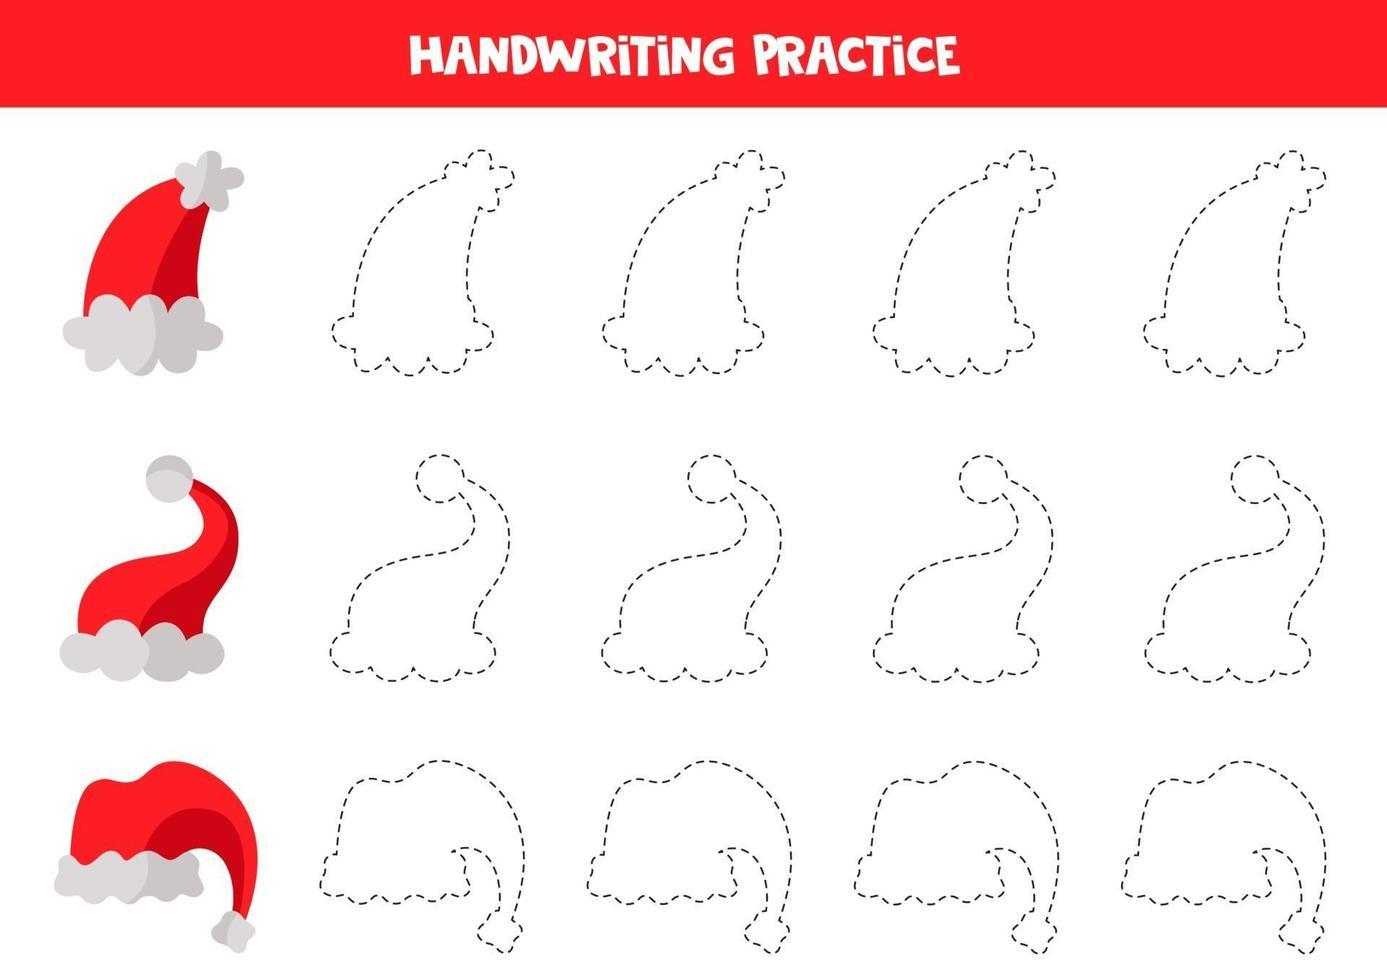 traçant des lignes avec des bonnets d'hiver rouges. pratique des compétences d'écriture. vecteur